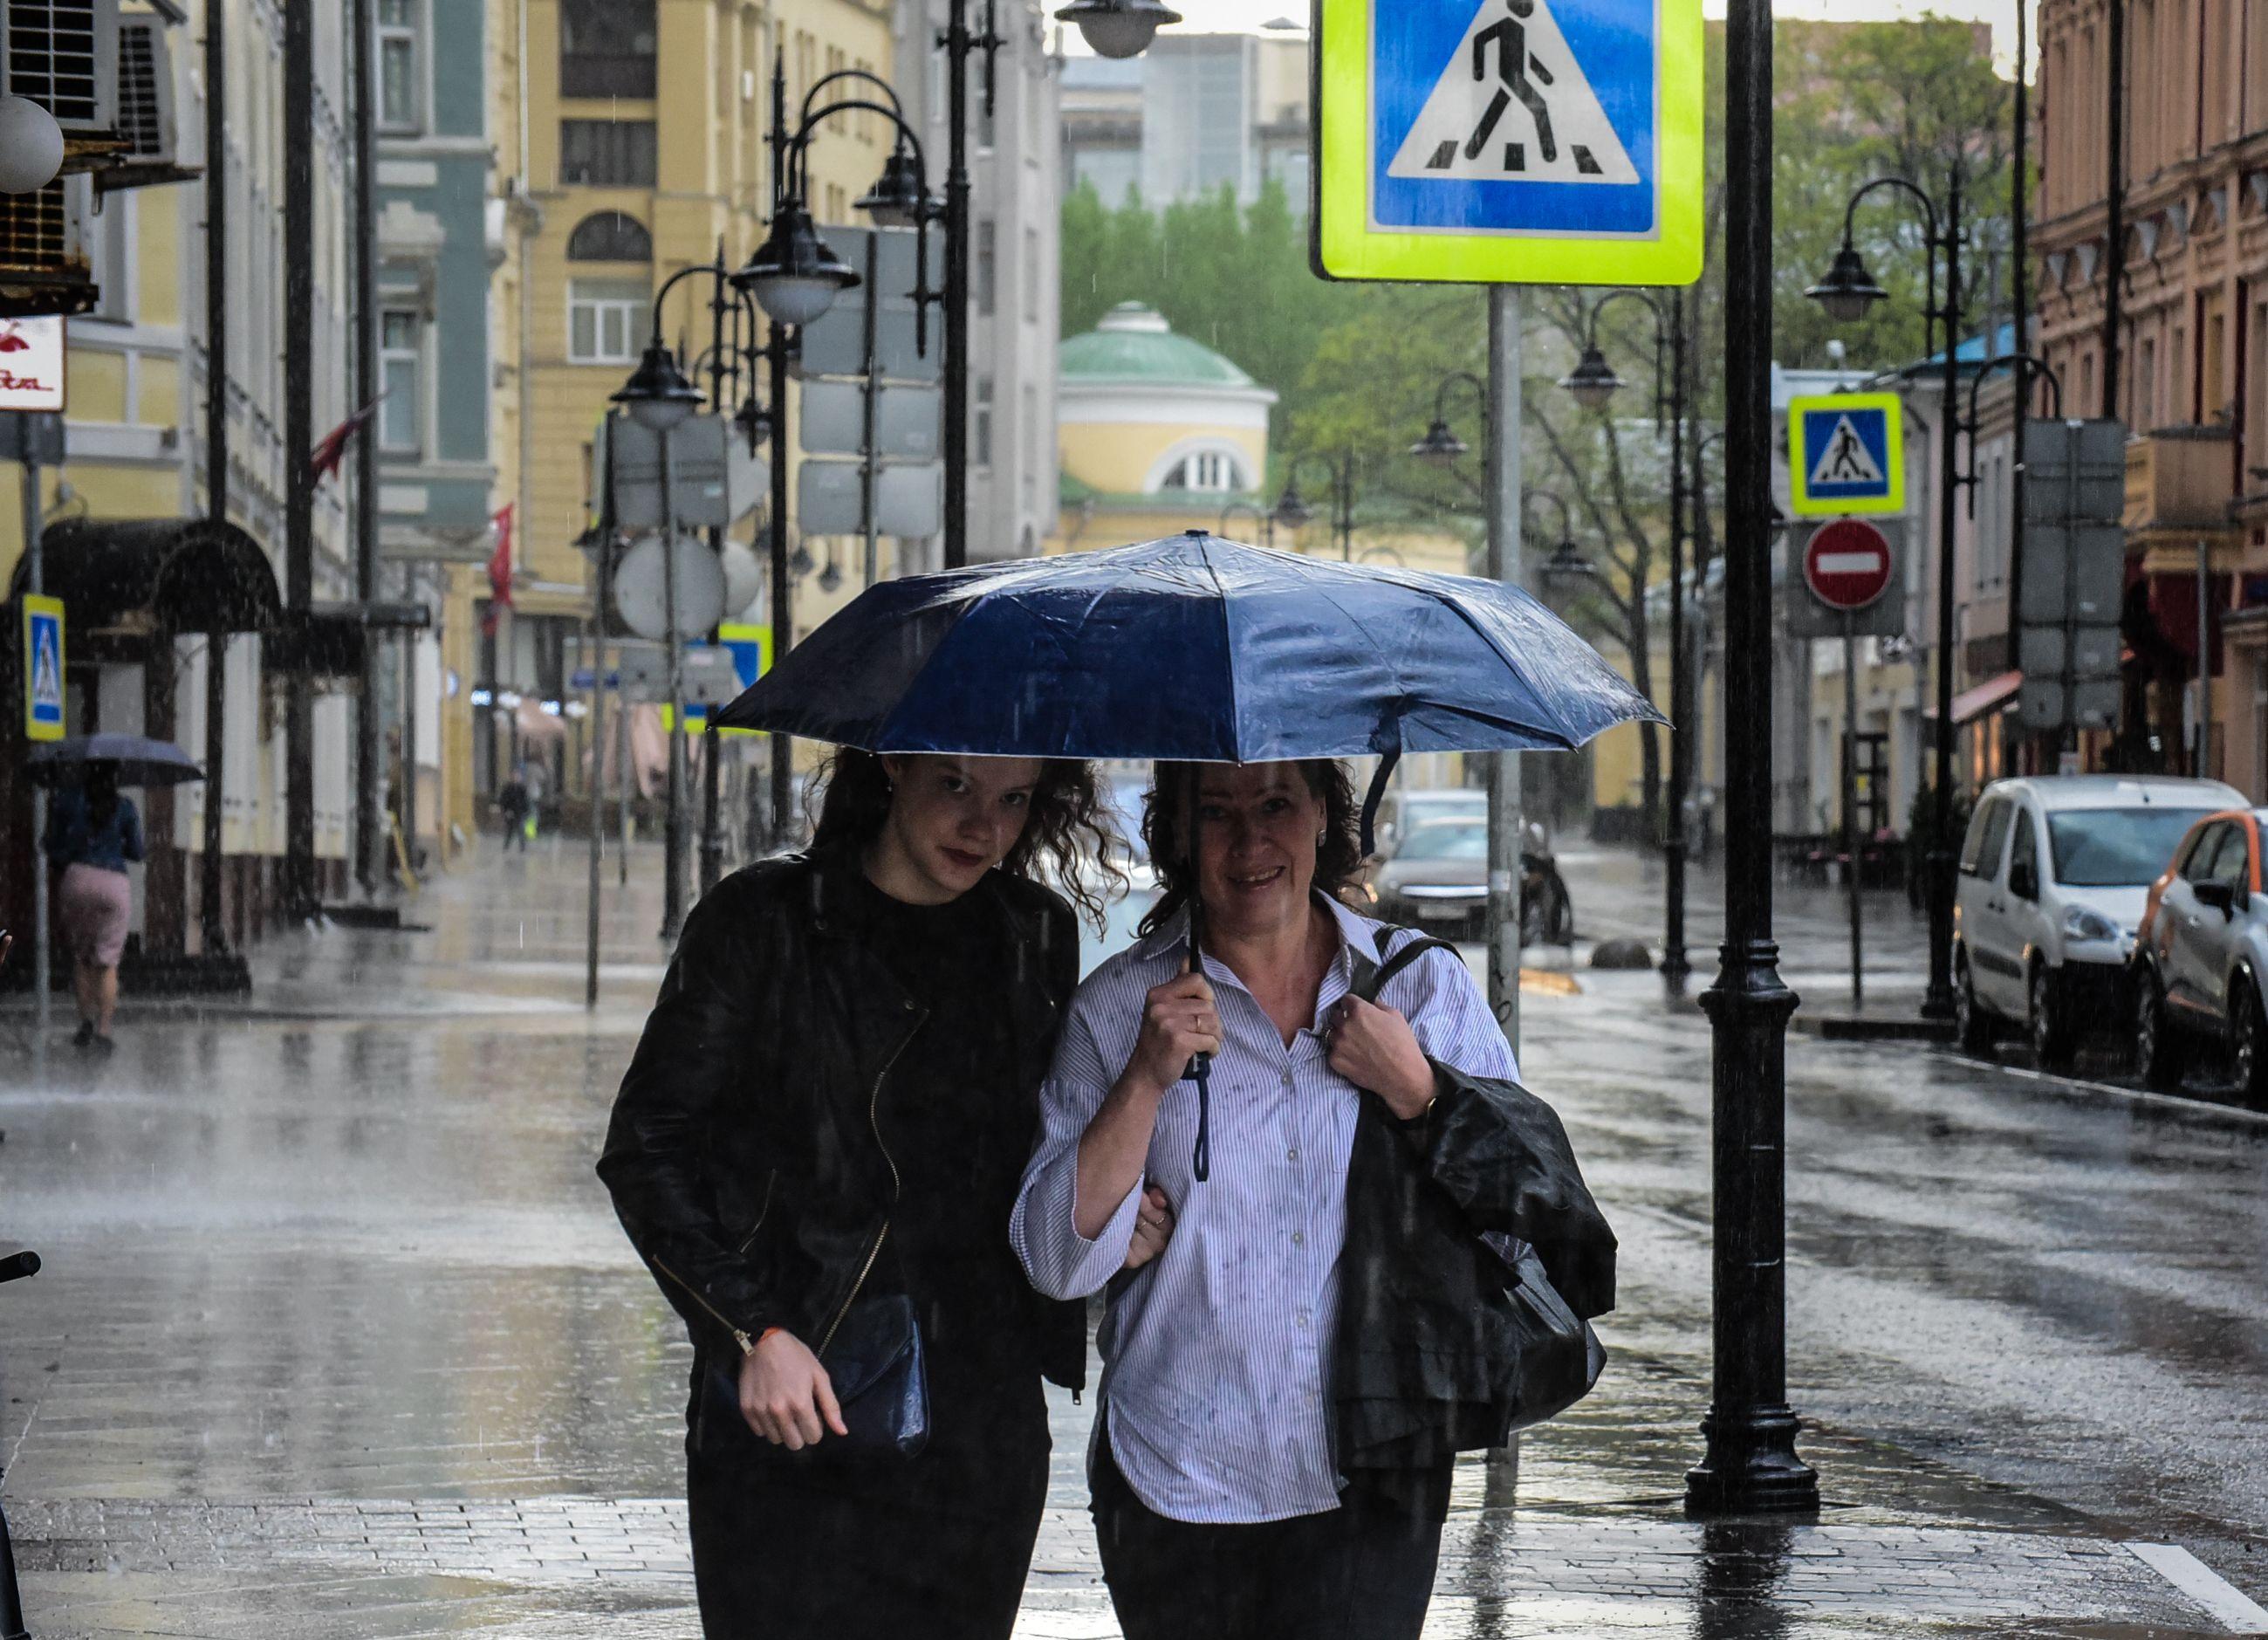 МЧС и парковщики забили тревогу перед грозой в Москве